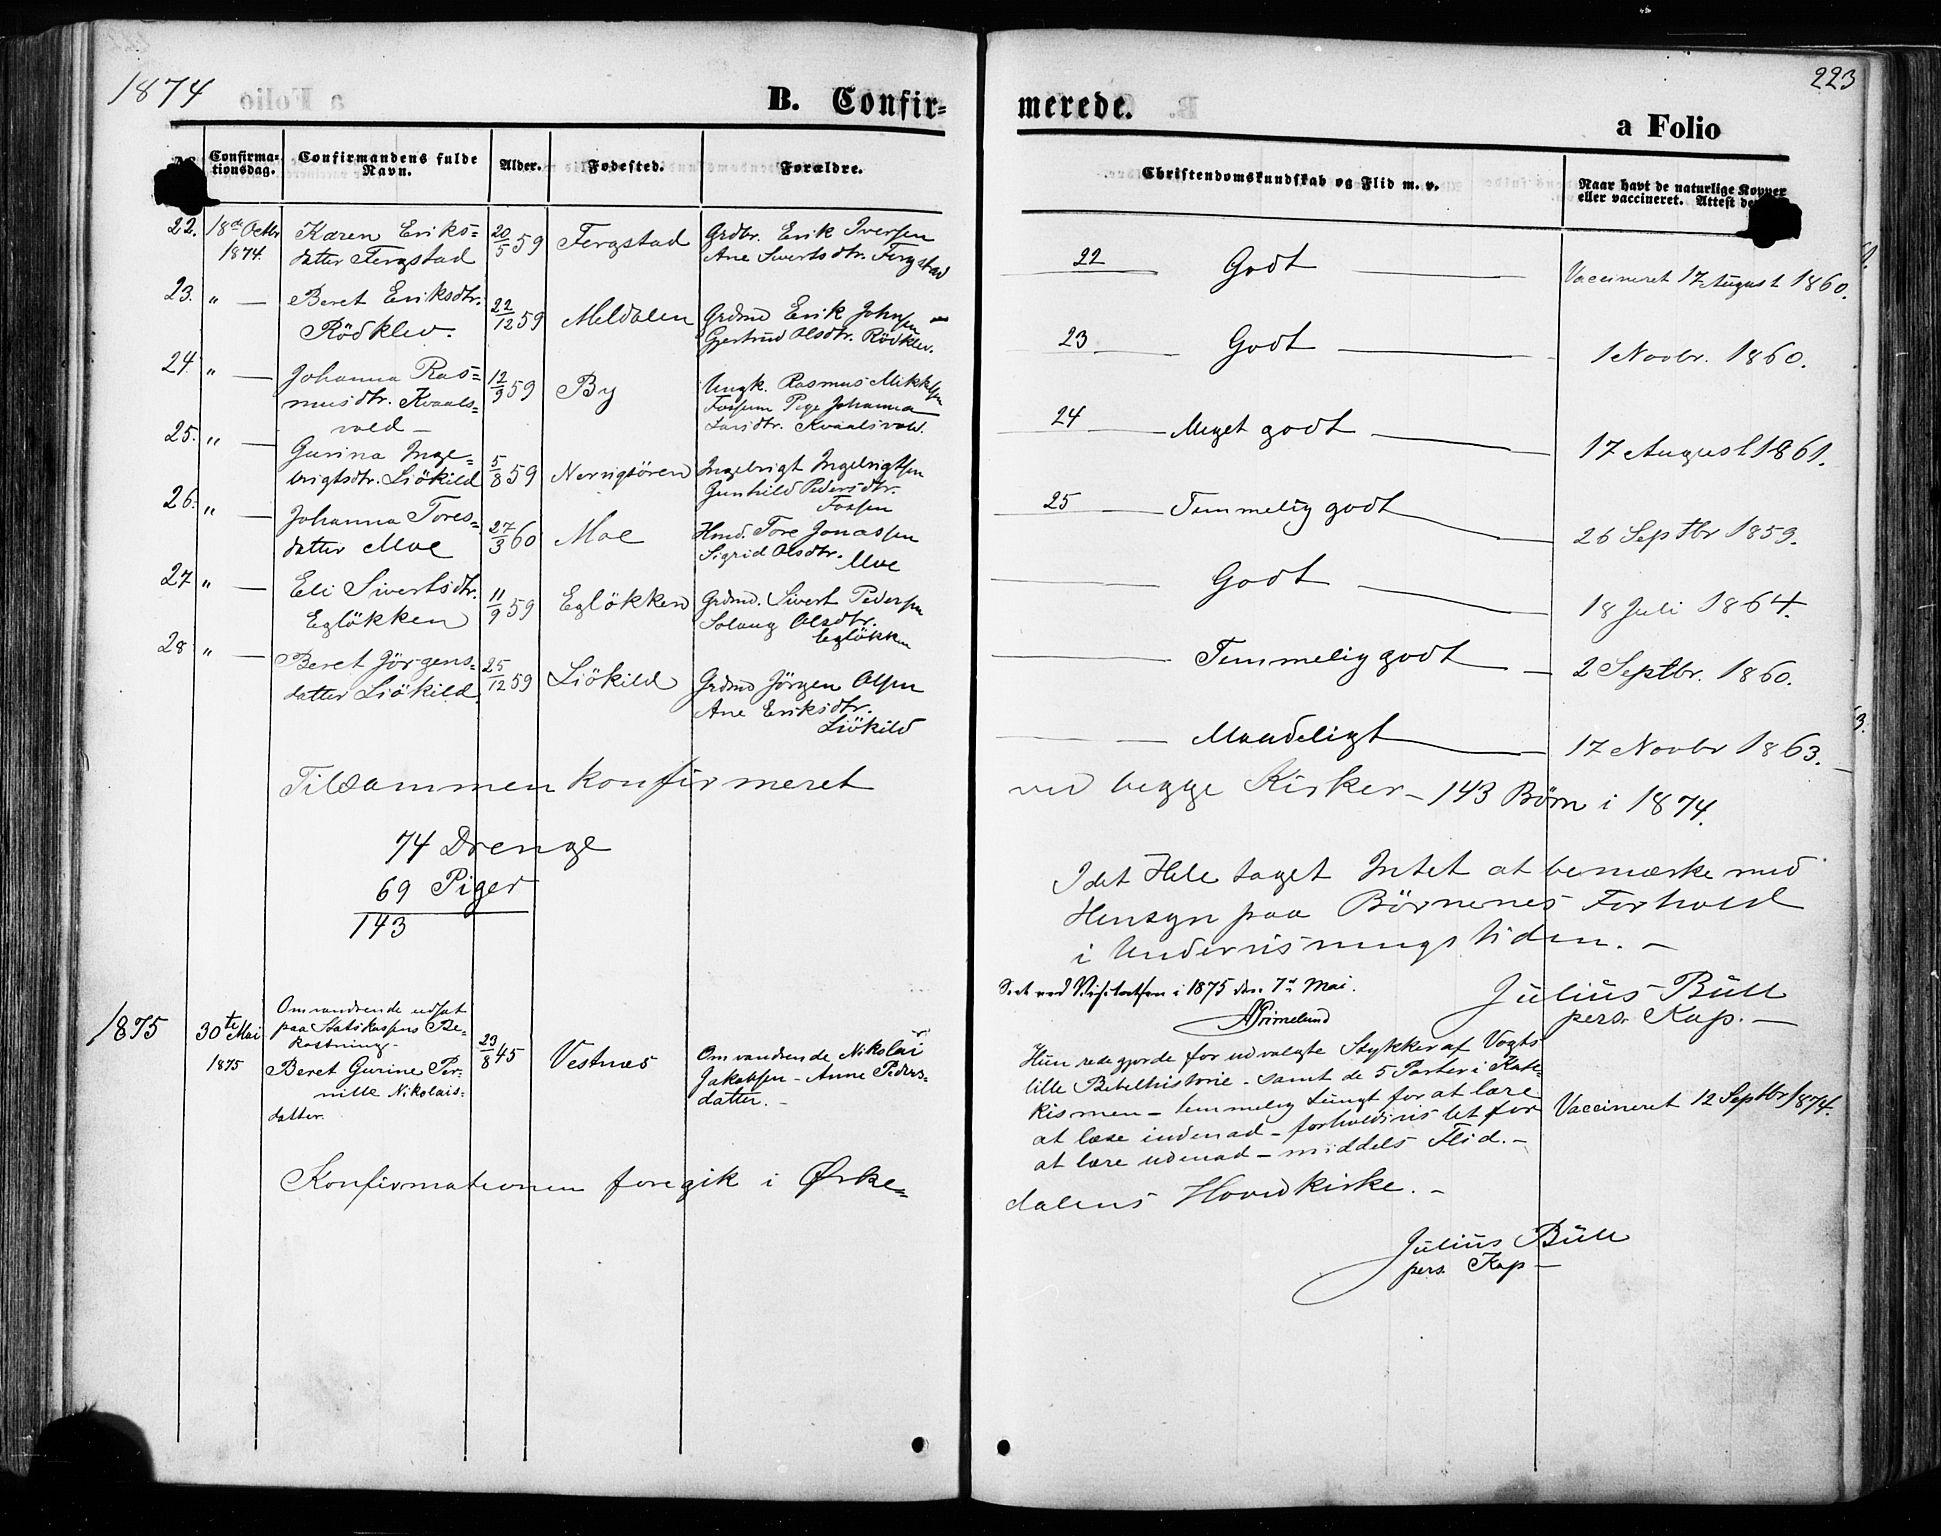 SAT, Ministerialprotokoller, klokkerbøker og fødselsregistre - Sør-Trøndelag, 668/L0807: Ministerialbok nr. 668A07, 1870-1880, s. 223